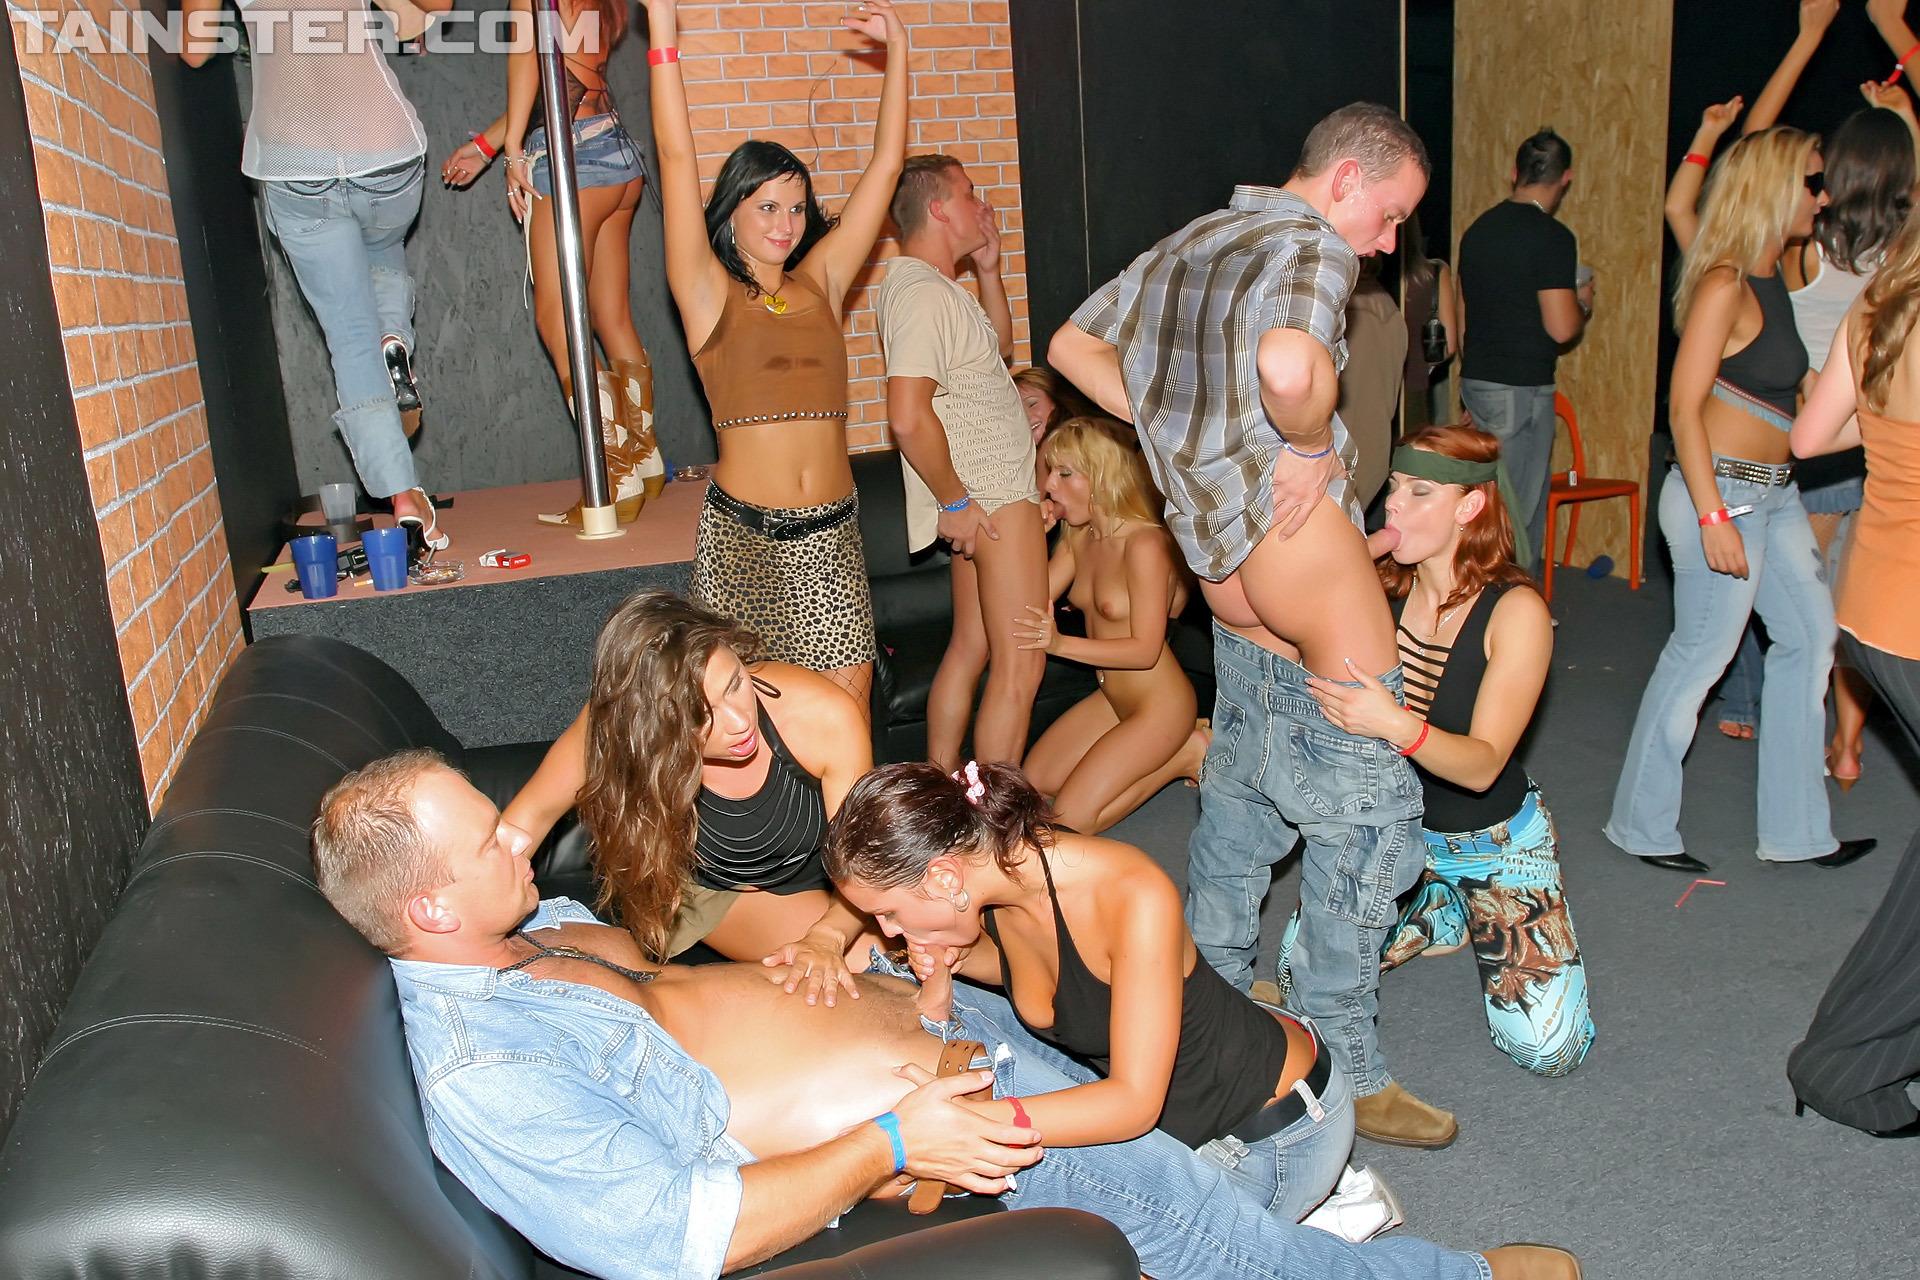 2Cam Porn roadhouse hos part 2 – cam 2 swingingpornstars